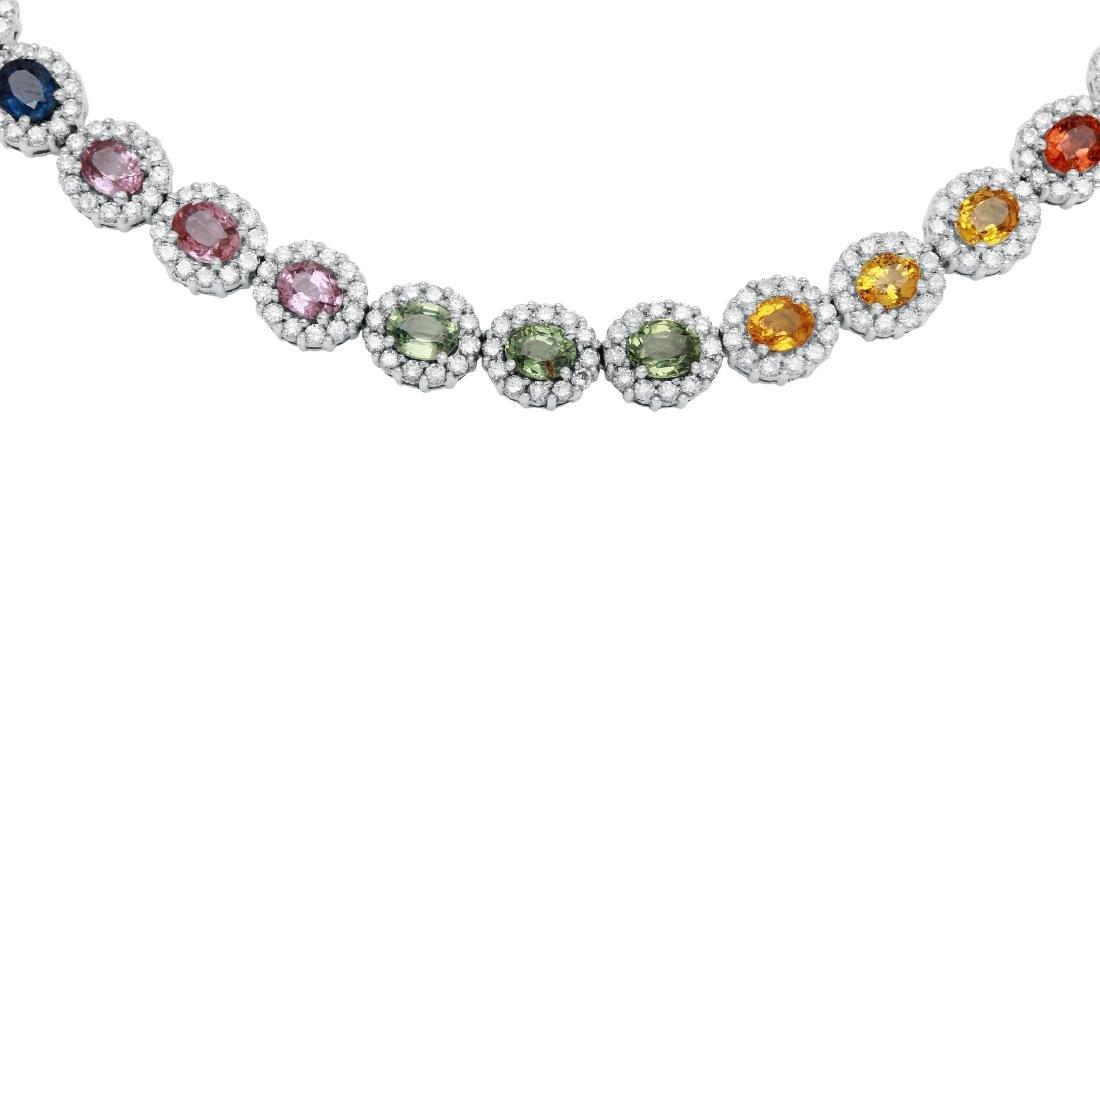 14KT White Gold Gemstone Necklace - 4